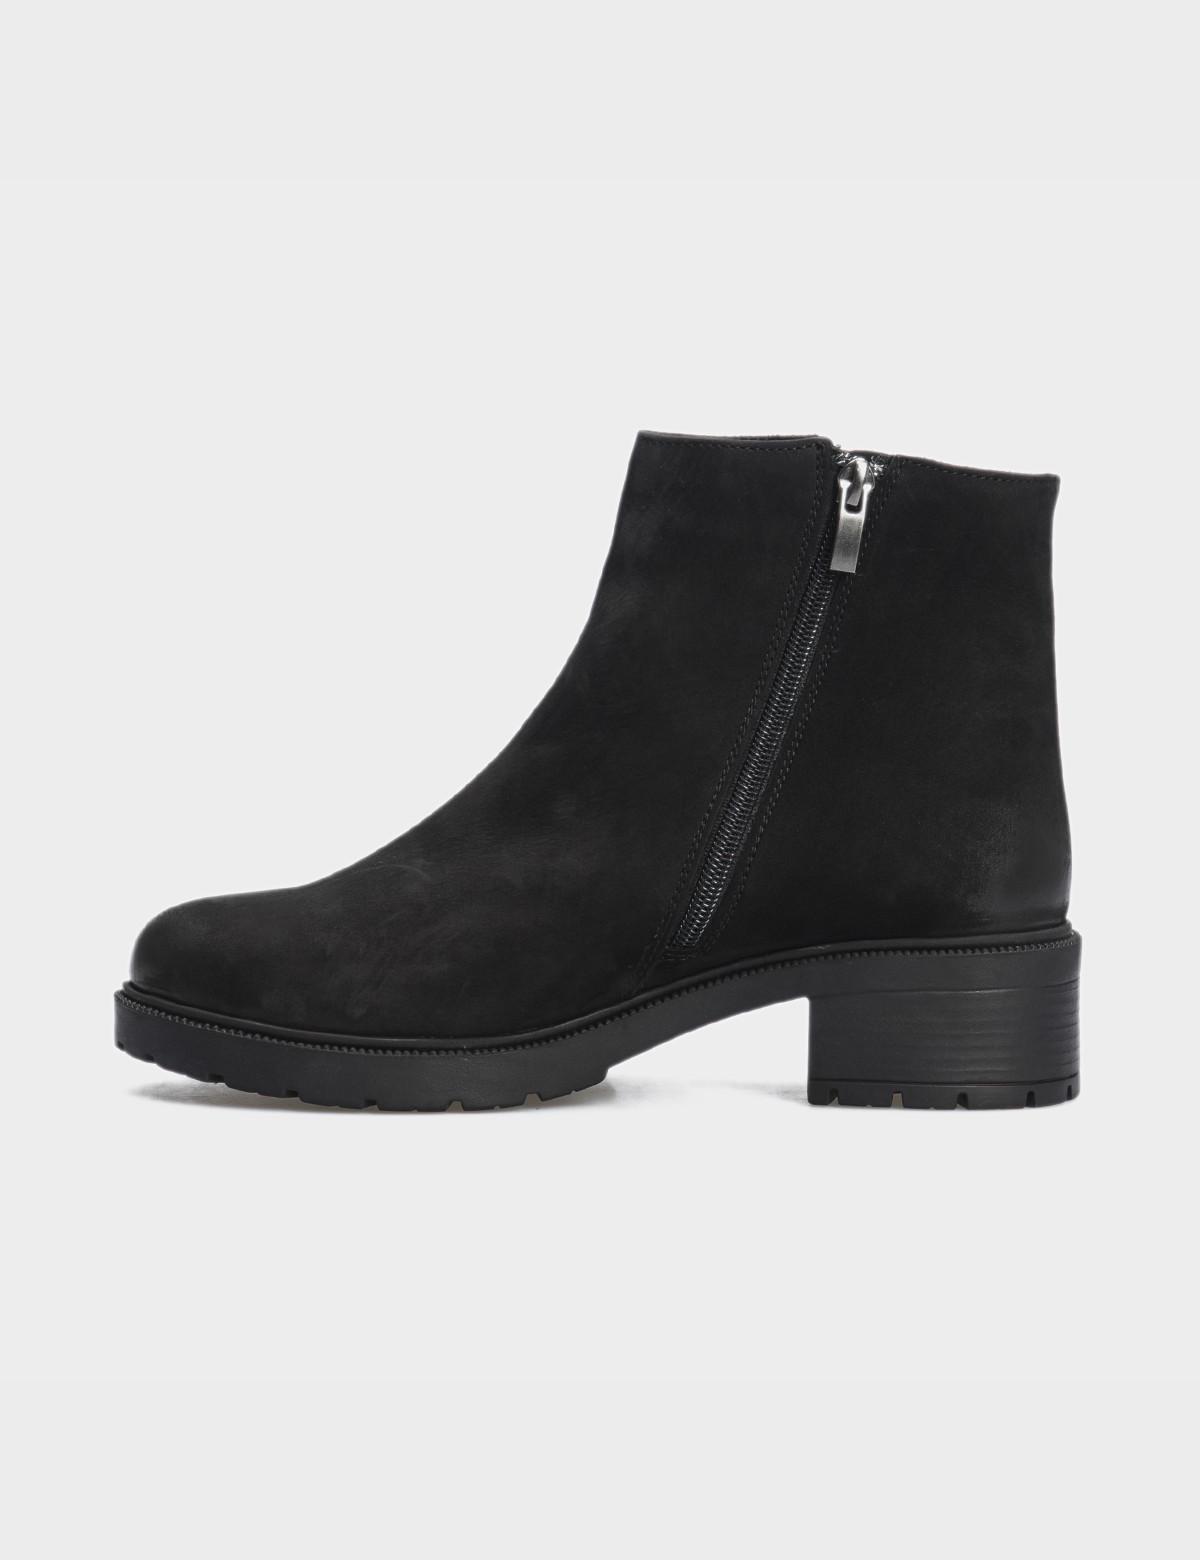 Ботинки черные натуральный нубук. Шерсть3